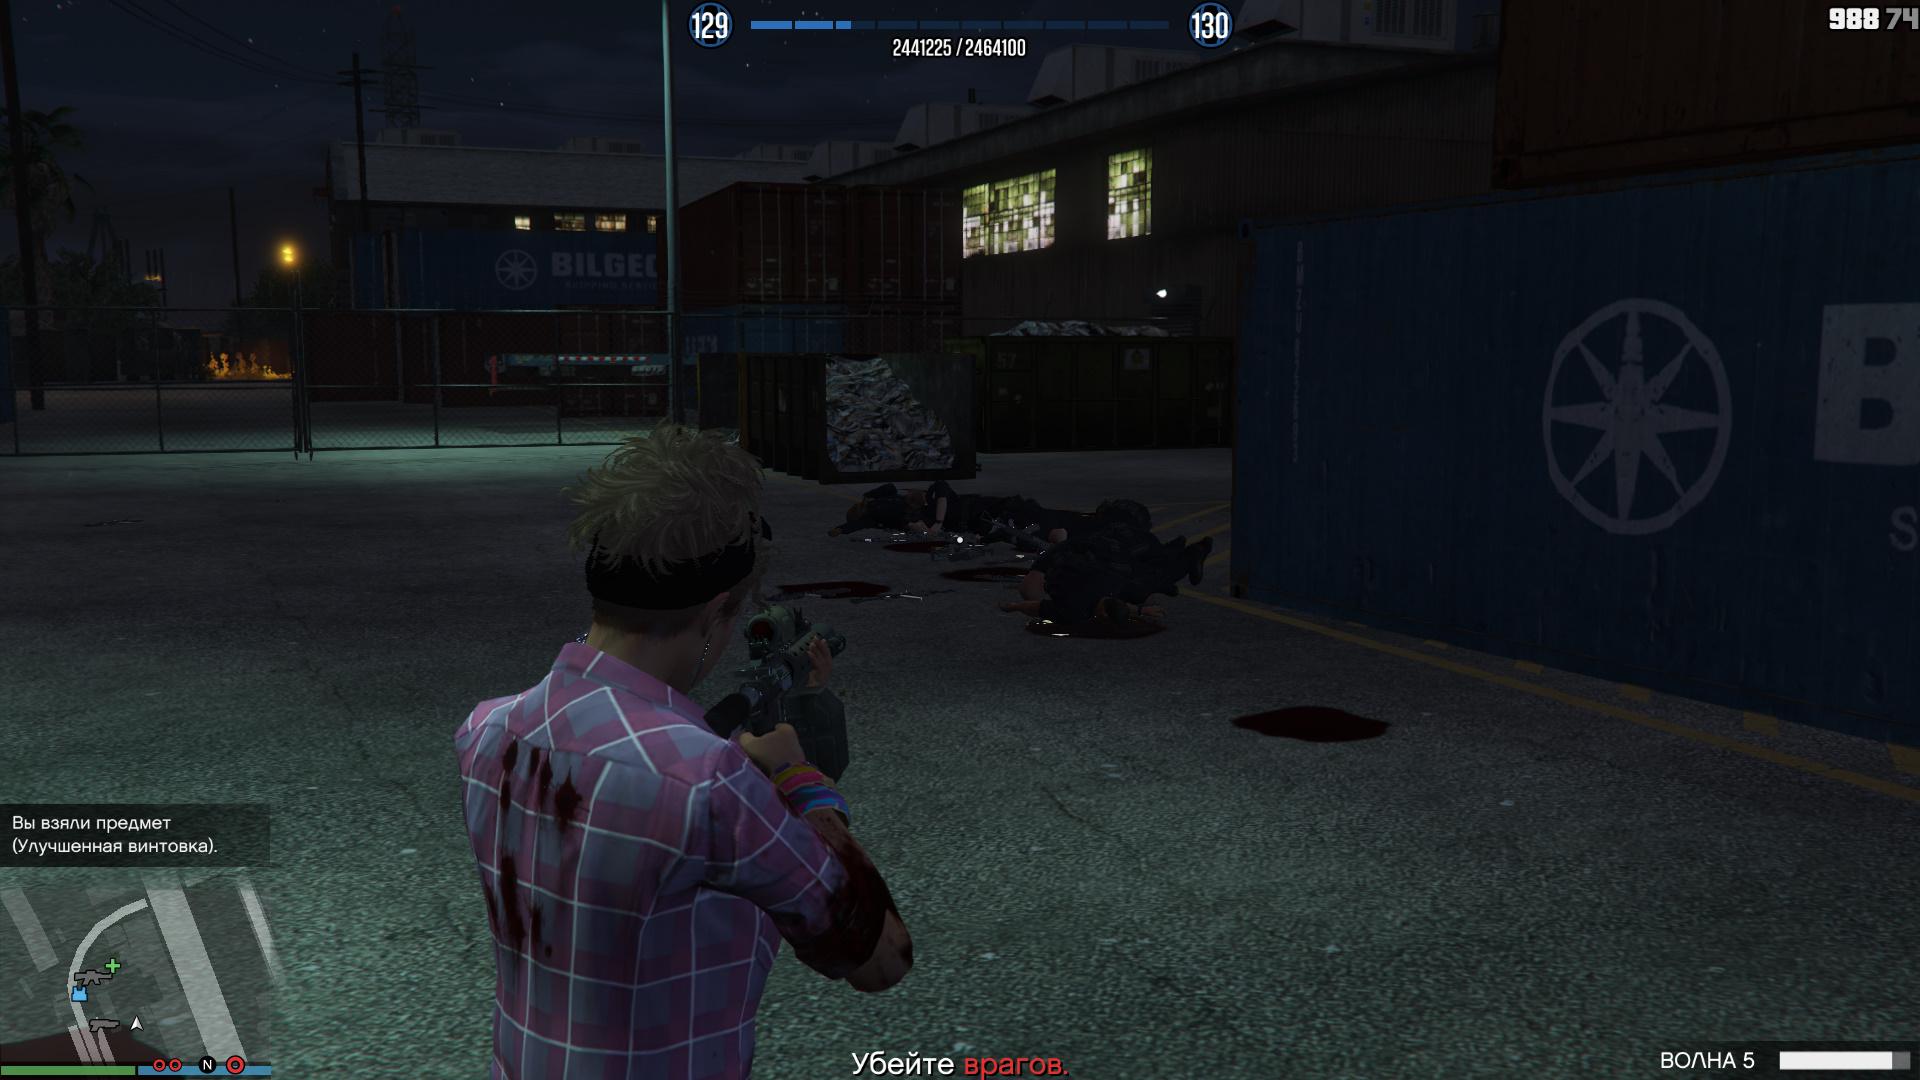 GTA5 2017-05-18 21-27-39-612.jpg - Grand Theft Auto 5 Открытый мир